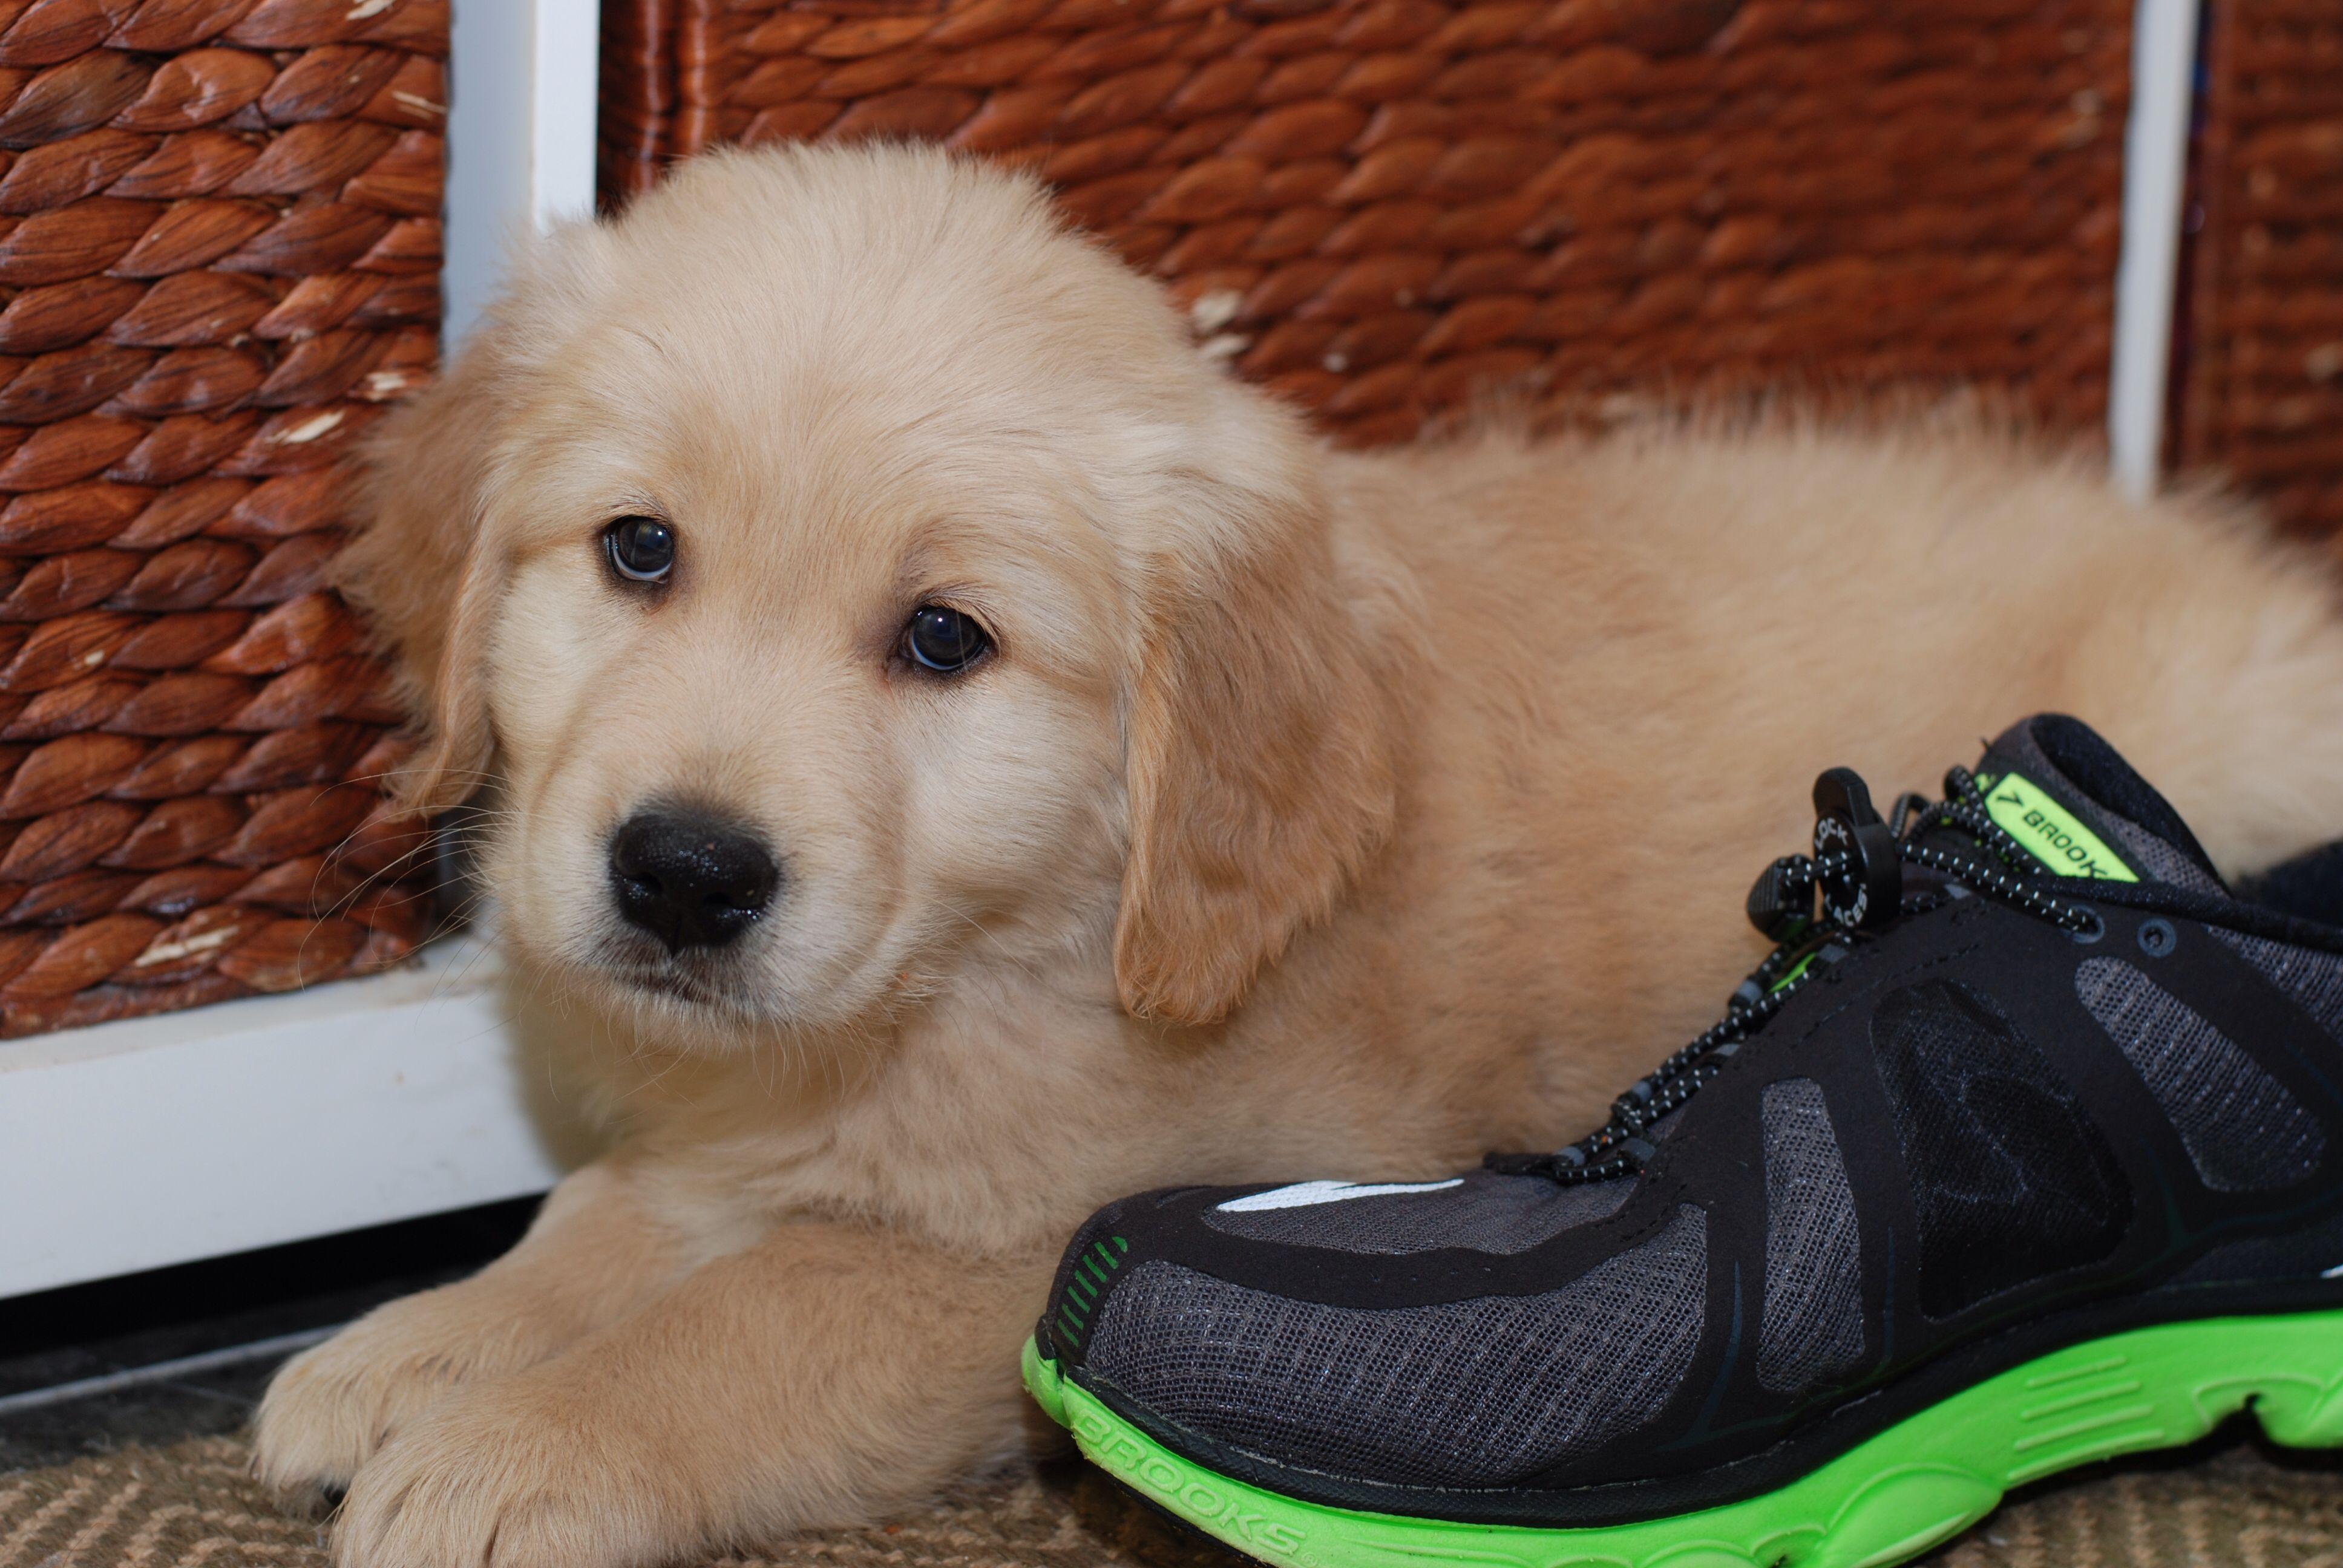 Walter the golden retriever puppy. Golden retriever